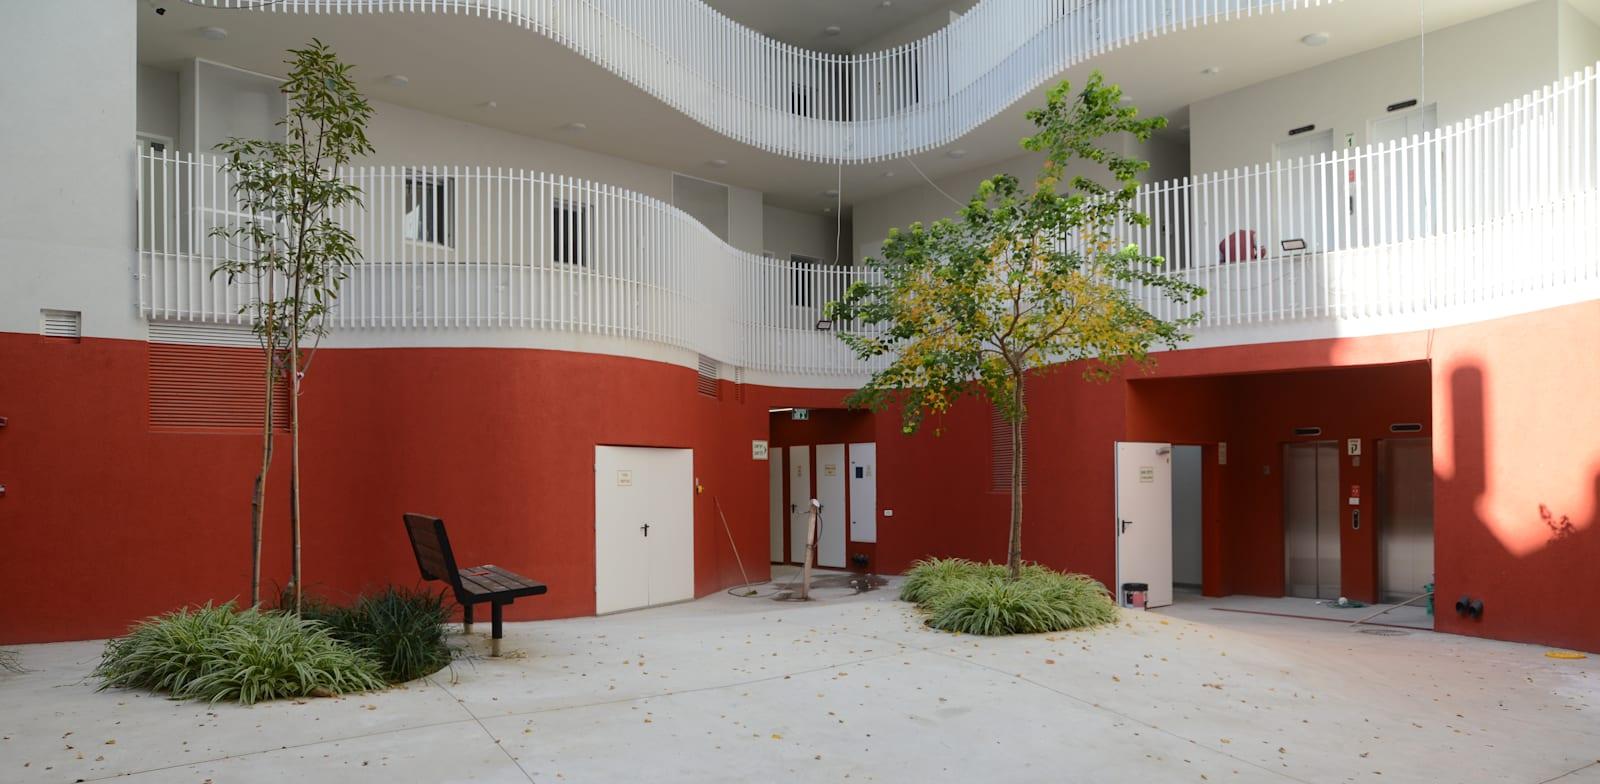 """הבניין רחוב פין 1 ת""""א / צילום: איל יצהר"""